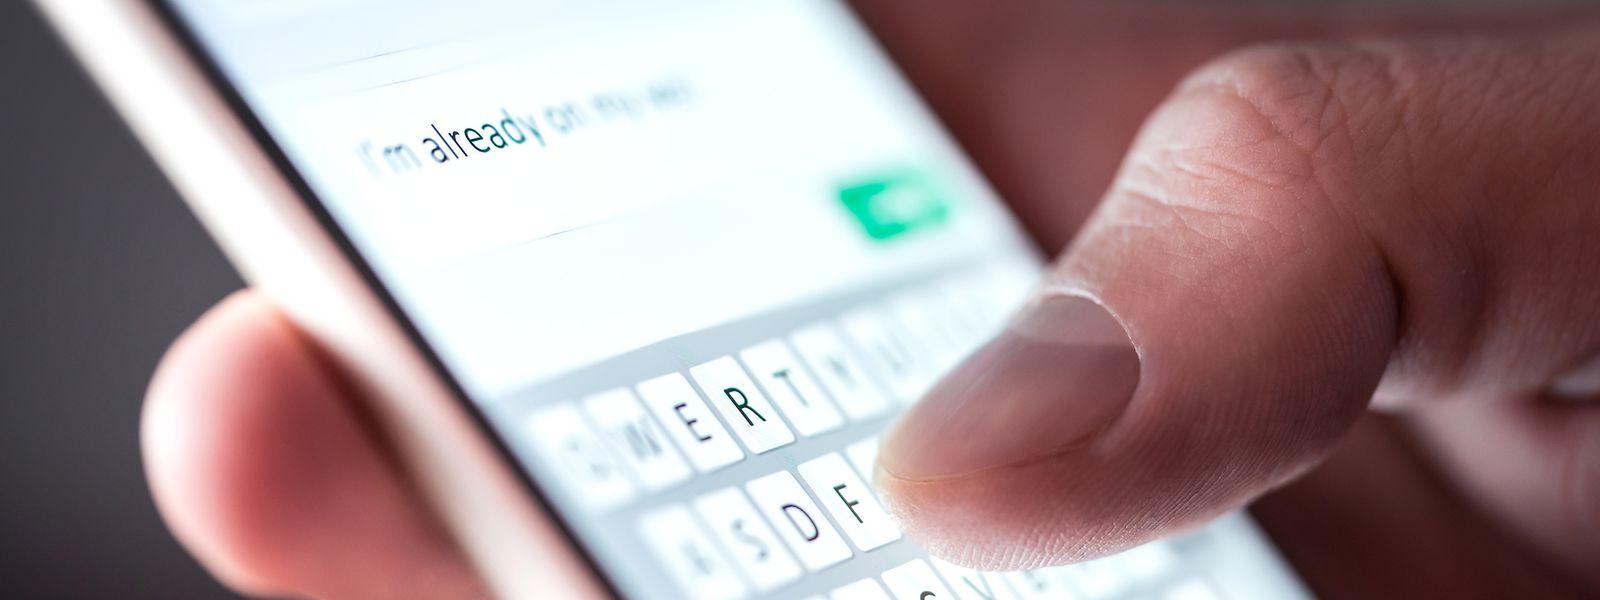 Über die Postnetze wurden am 31. Dezember und am 1. Januar 1,11 Millionen SMS-Nachrichten versendet.